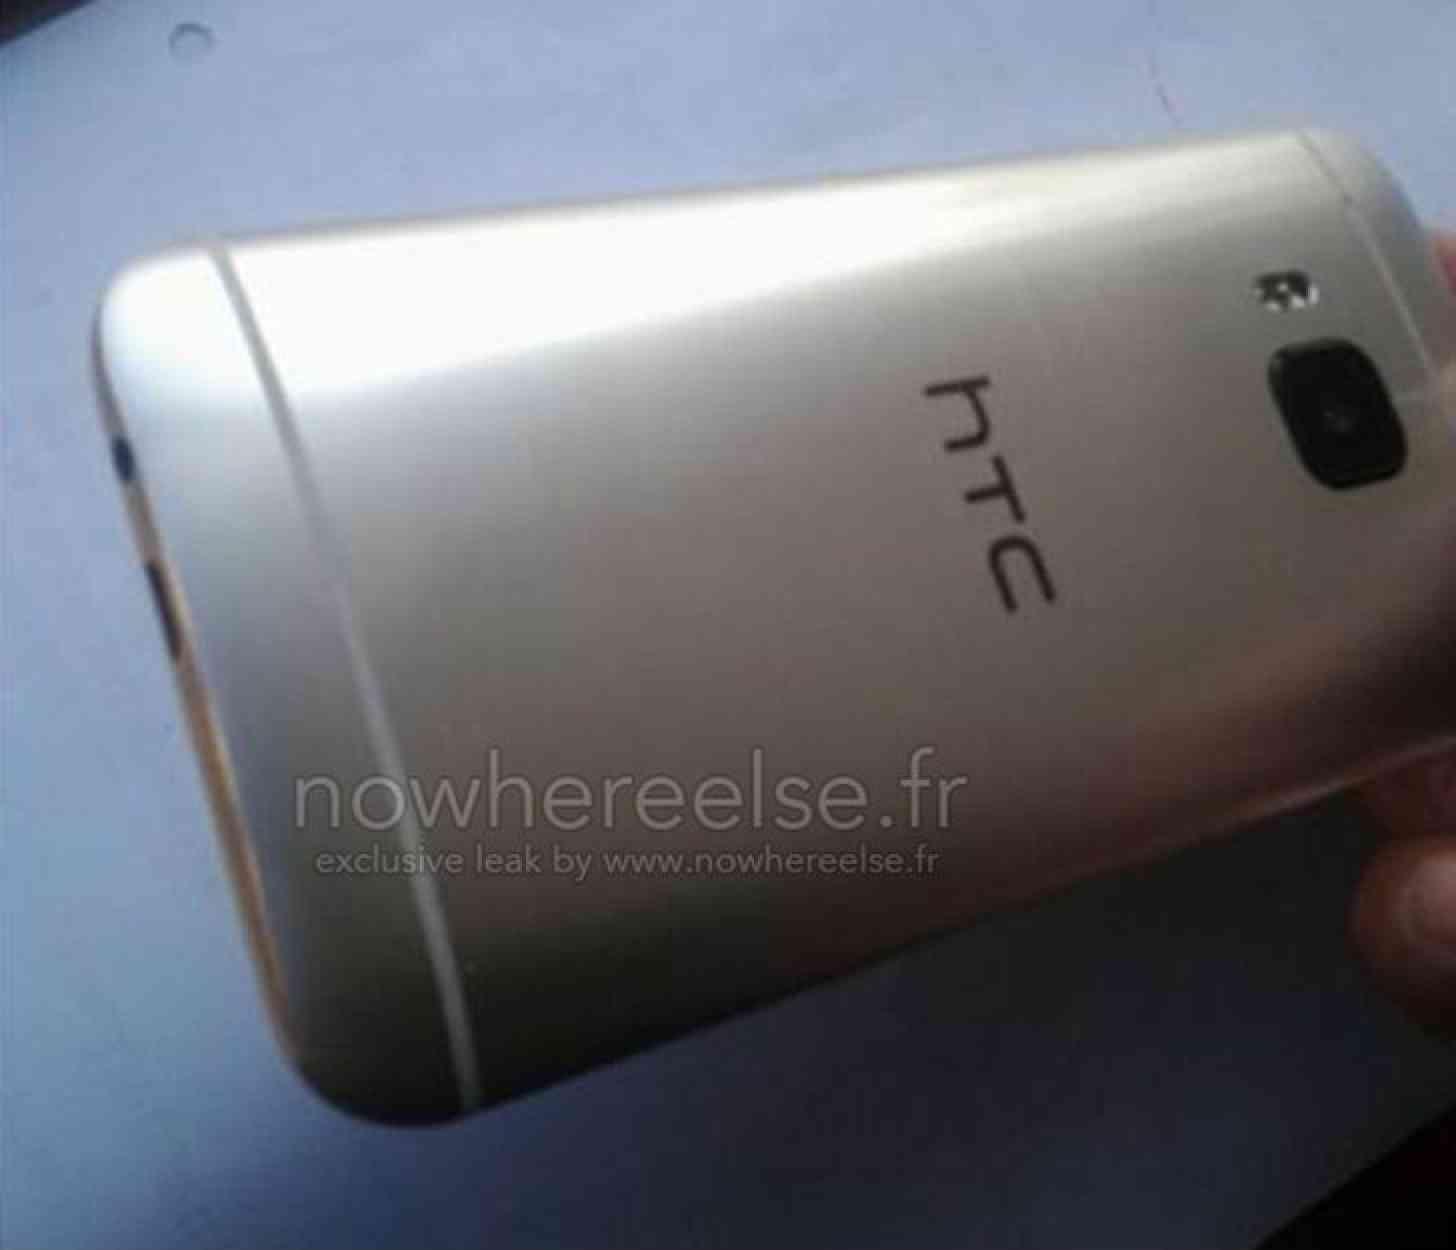 HTC One M9 Hima leak rear